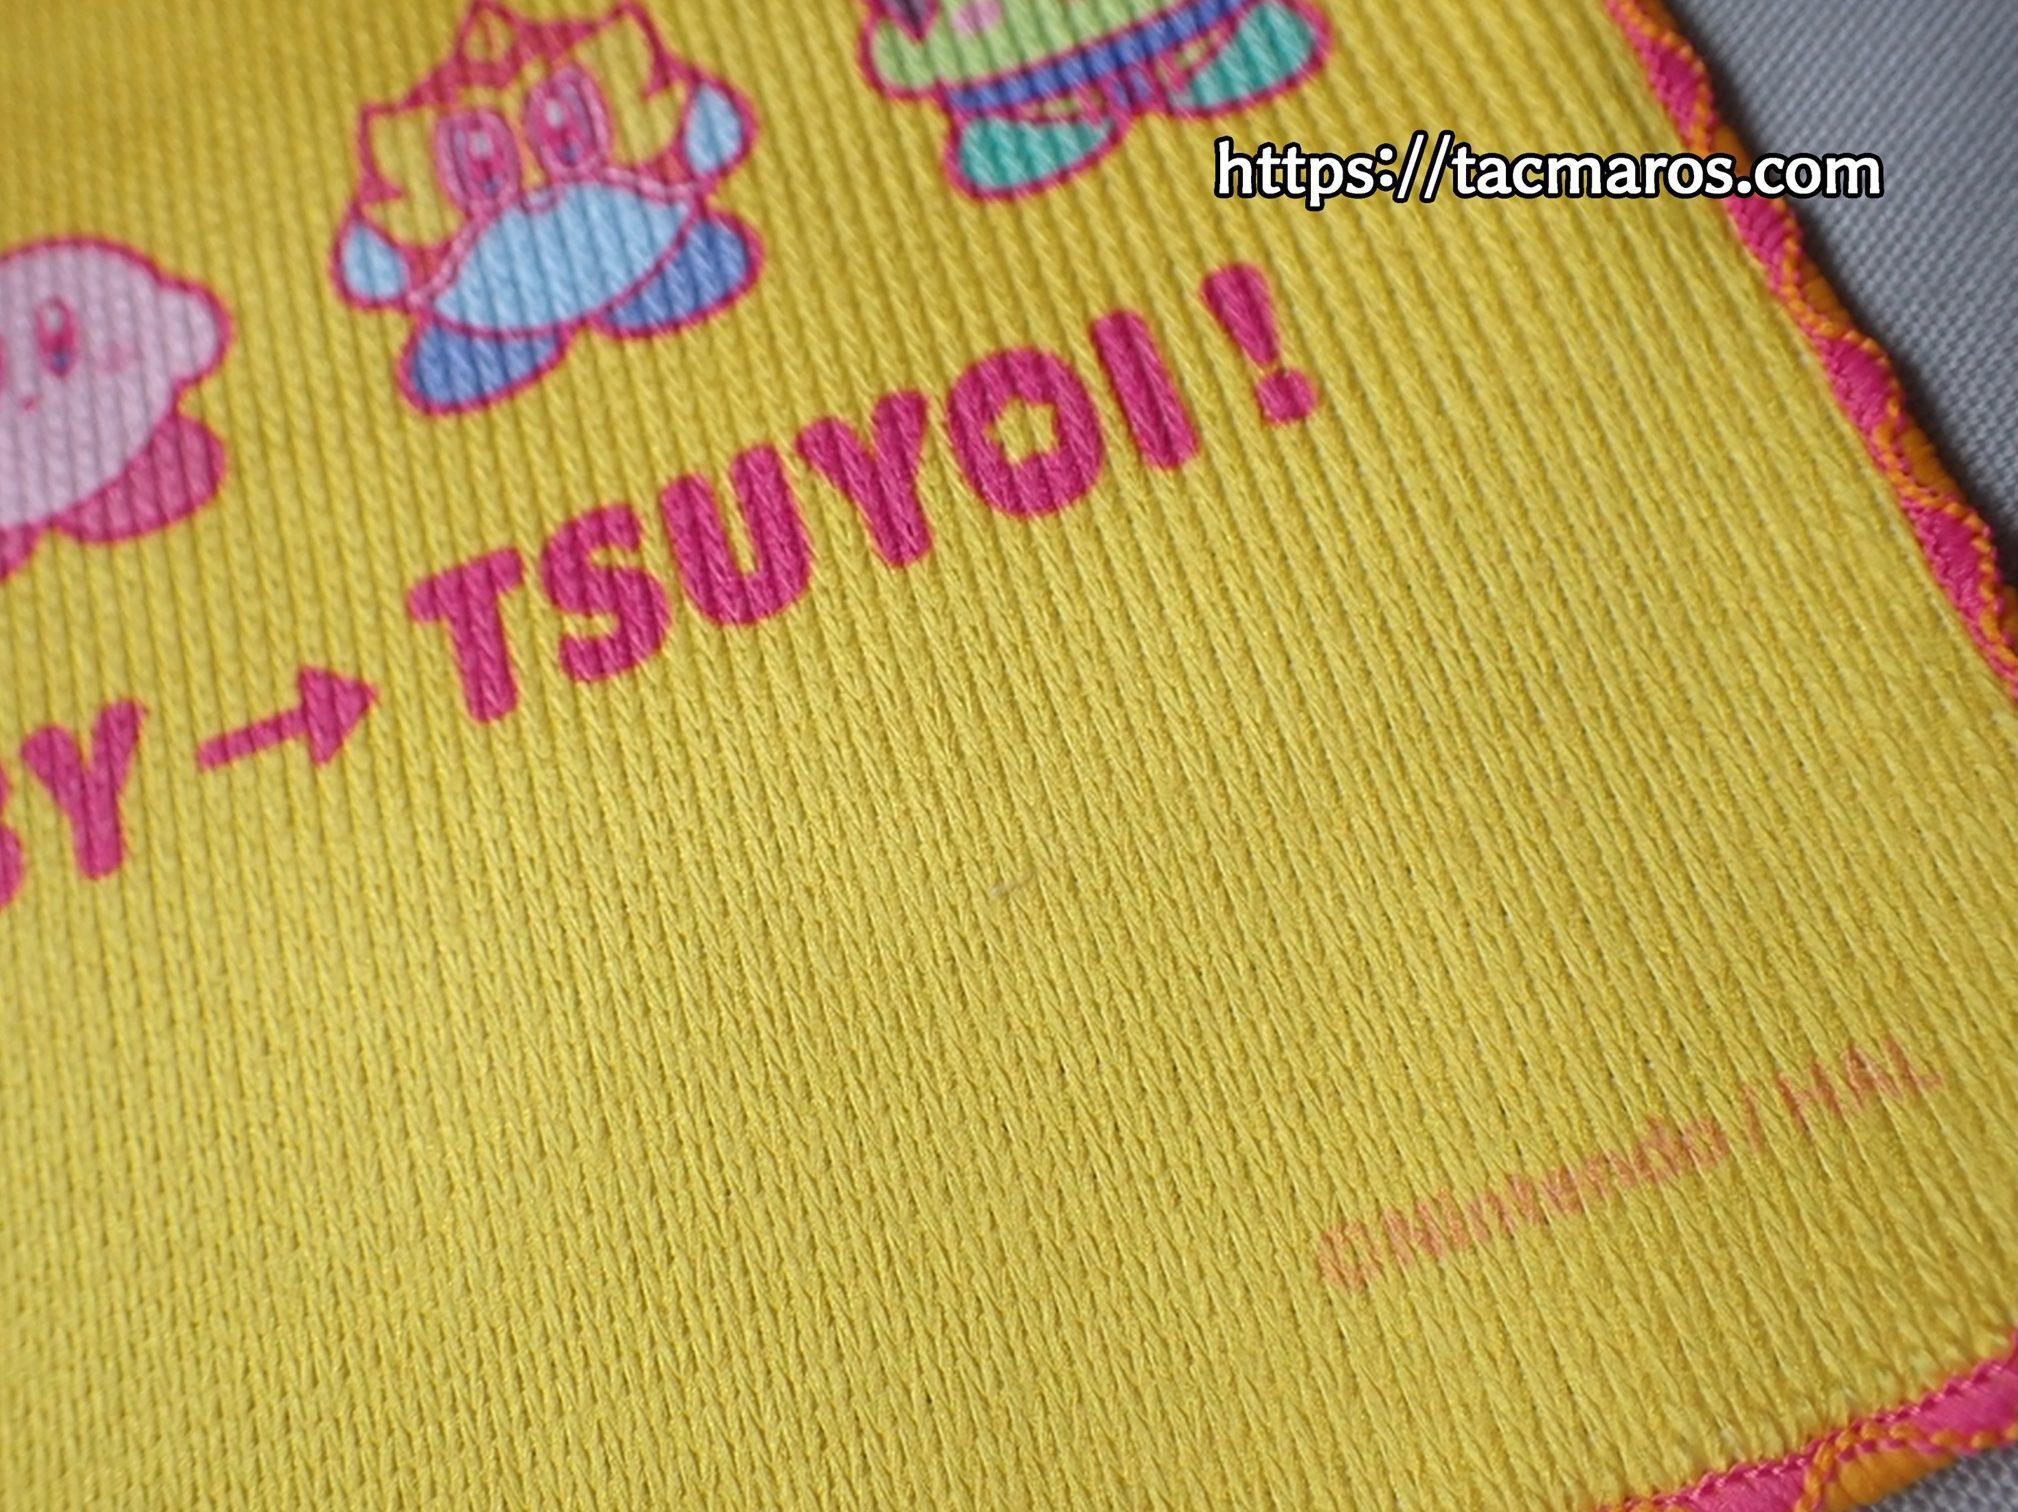 マイニンテンドー MyNintendo プラチナポイント交換グッズ カービィファイターズ2 ミニタオルハンカチ(2種) 黄色いハンカチ、表はニット素材です